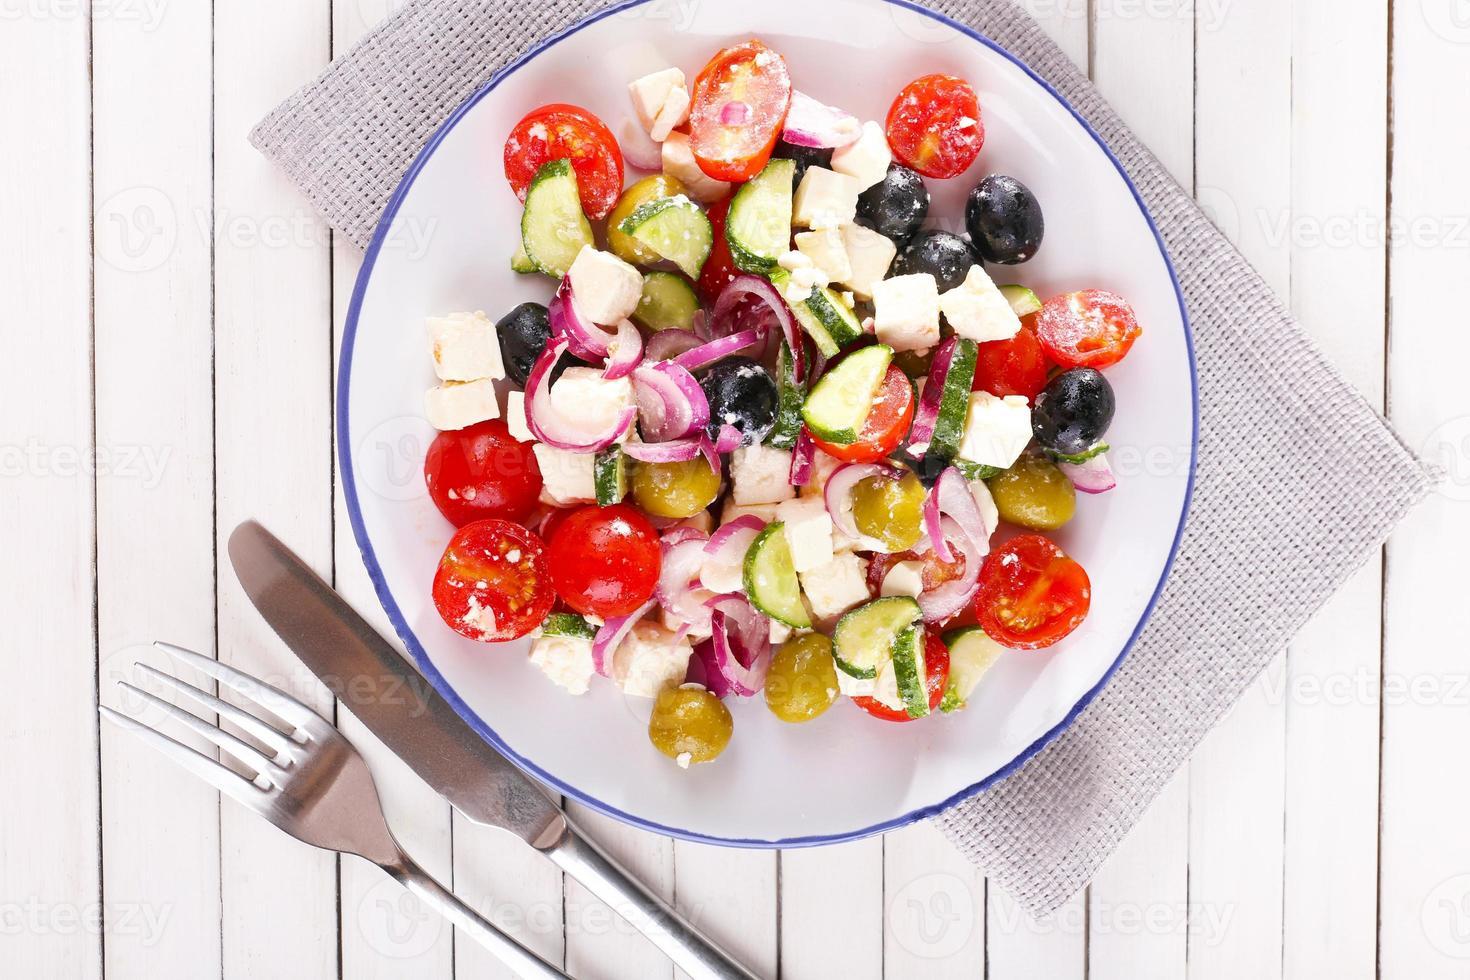 Griechischer Salat serviert in Teller auf Serviette auf hölzernem Hintergrund foto